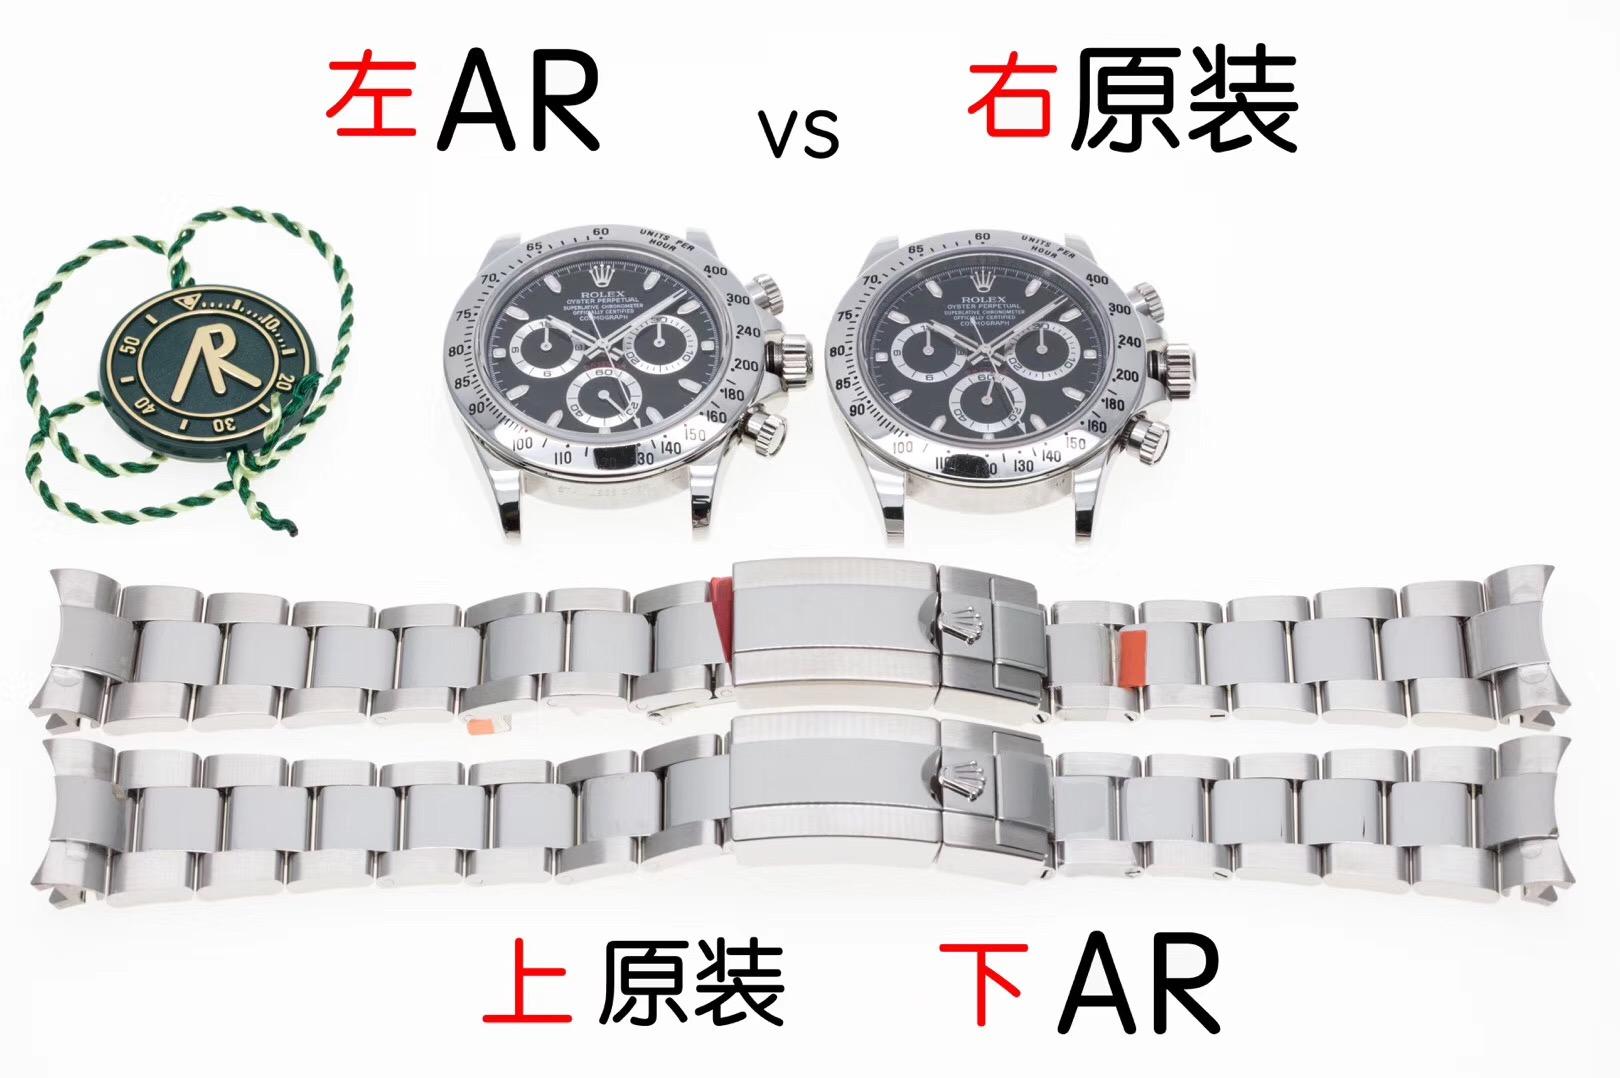 AR厂v2版劳力士迪通拿腕表对比正品细节评测